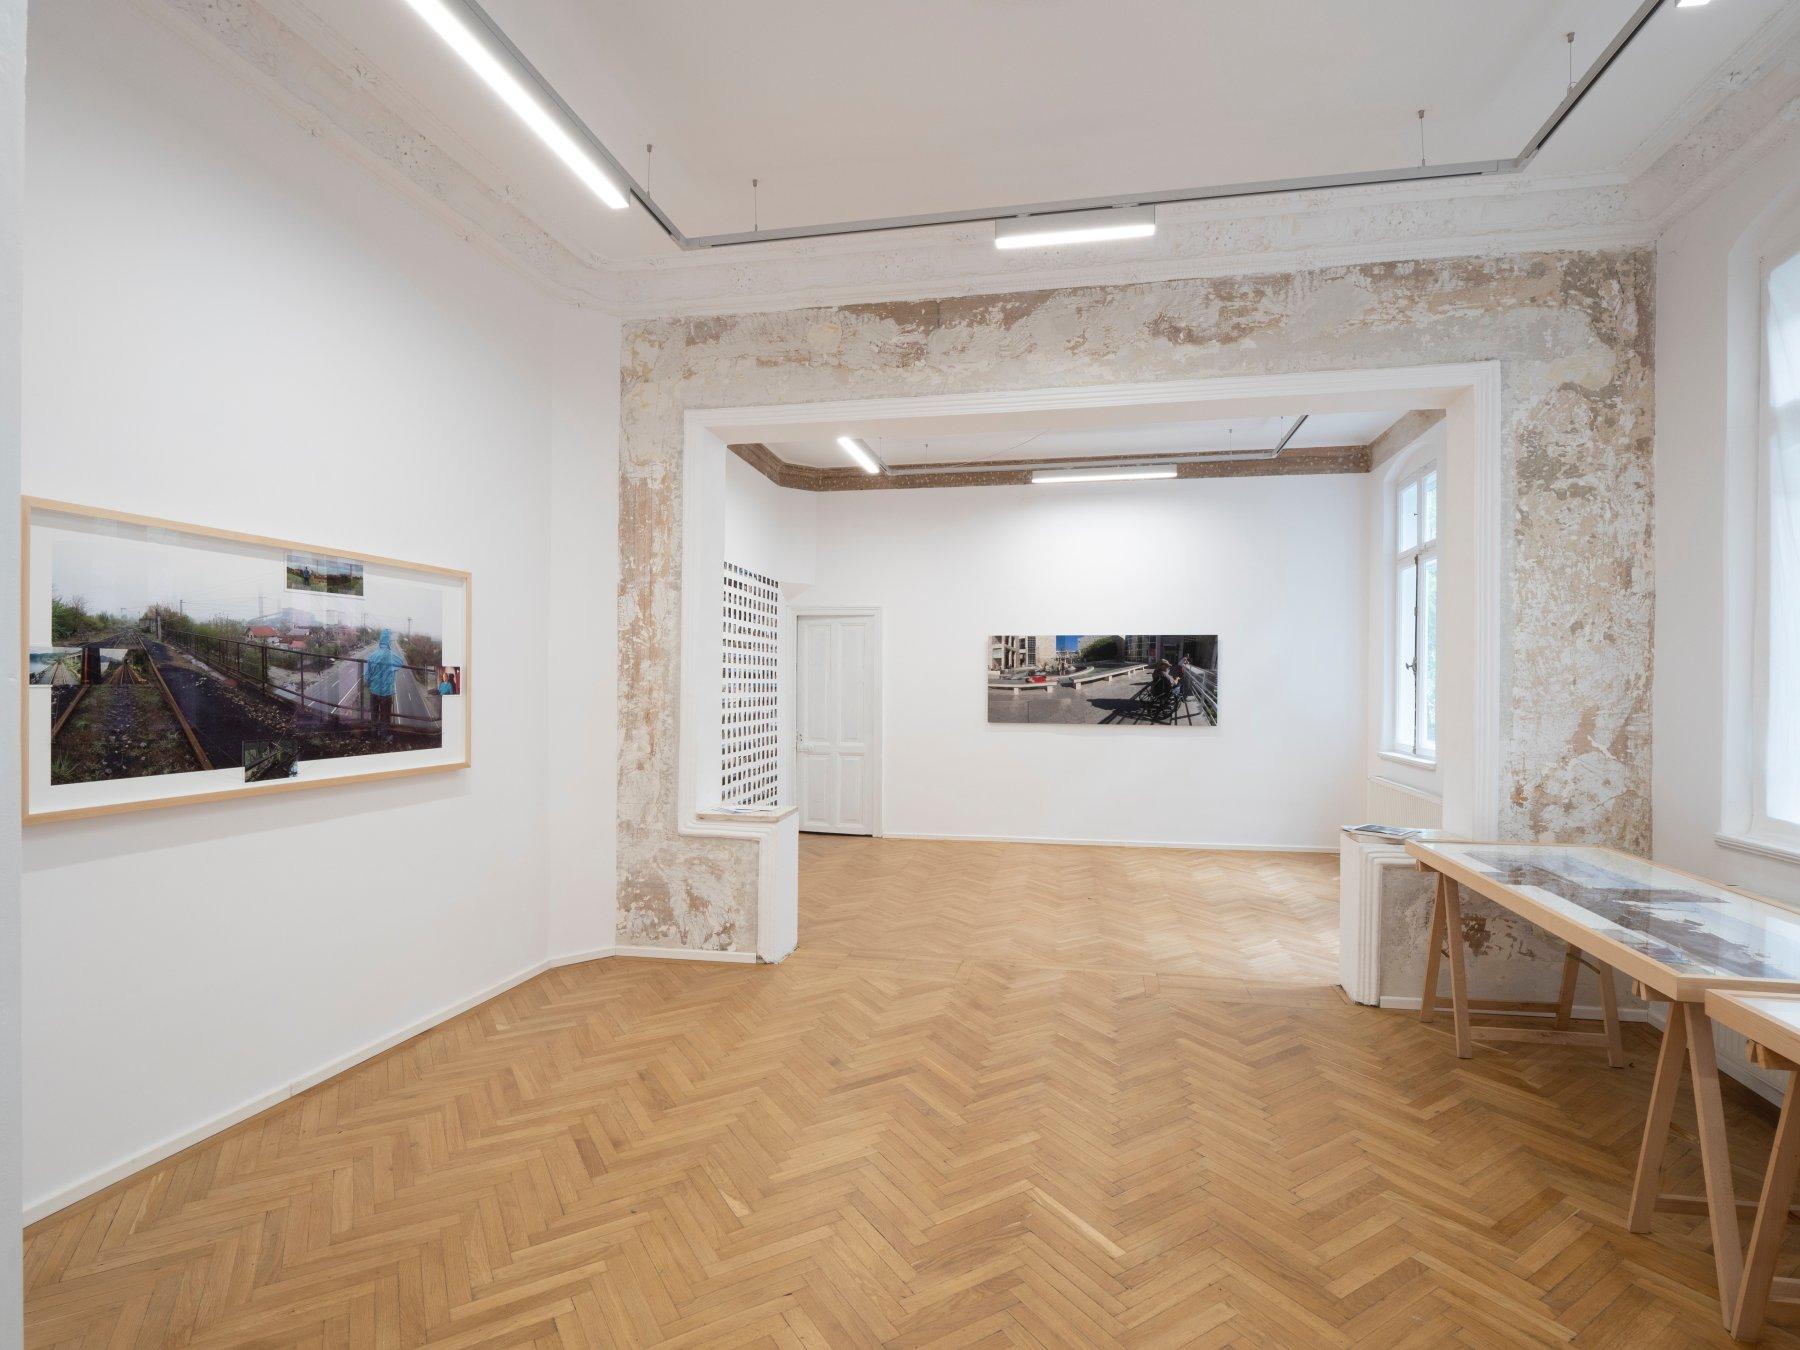 Anca Poterașu Gallery